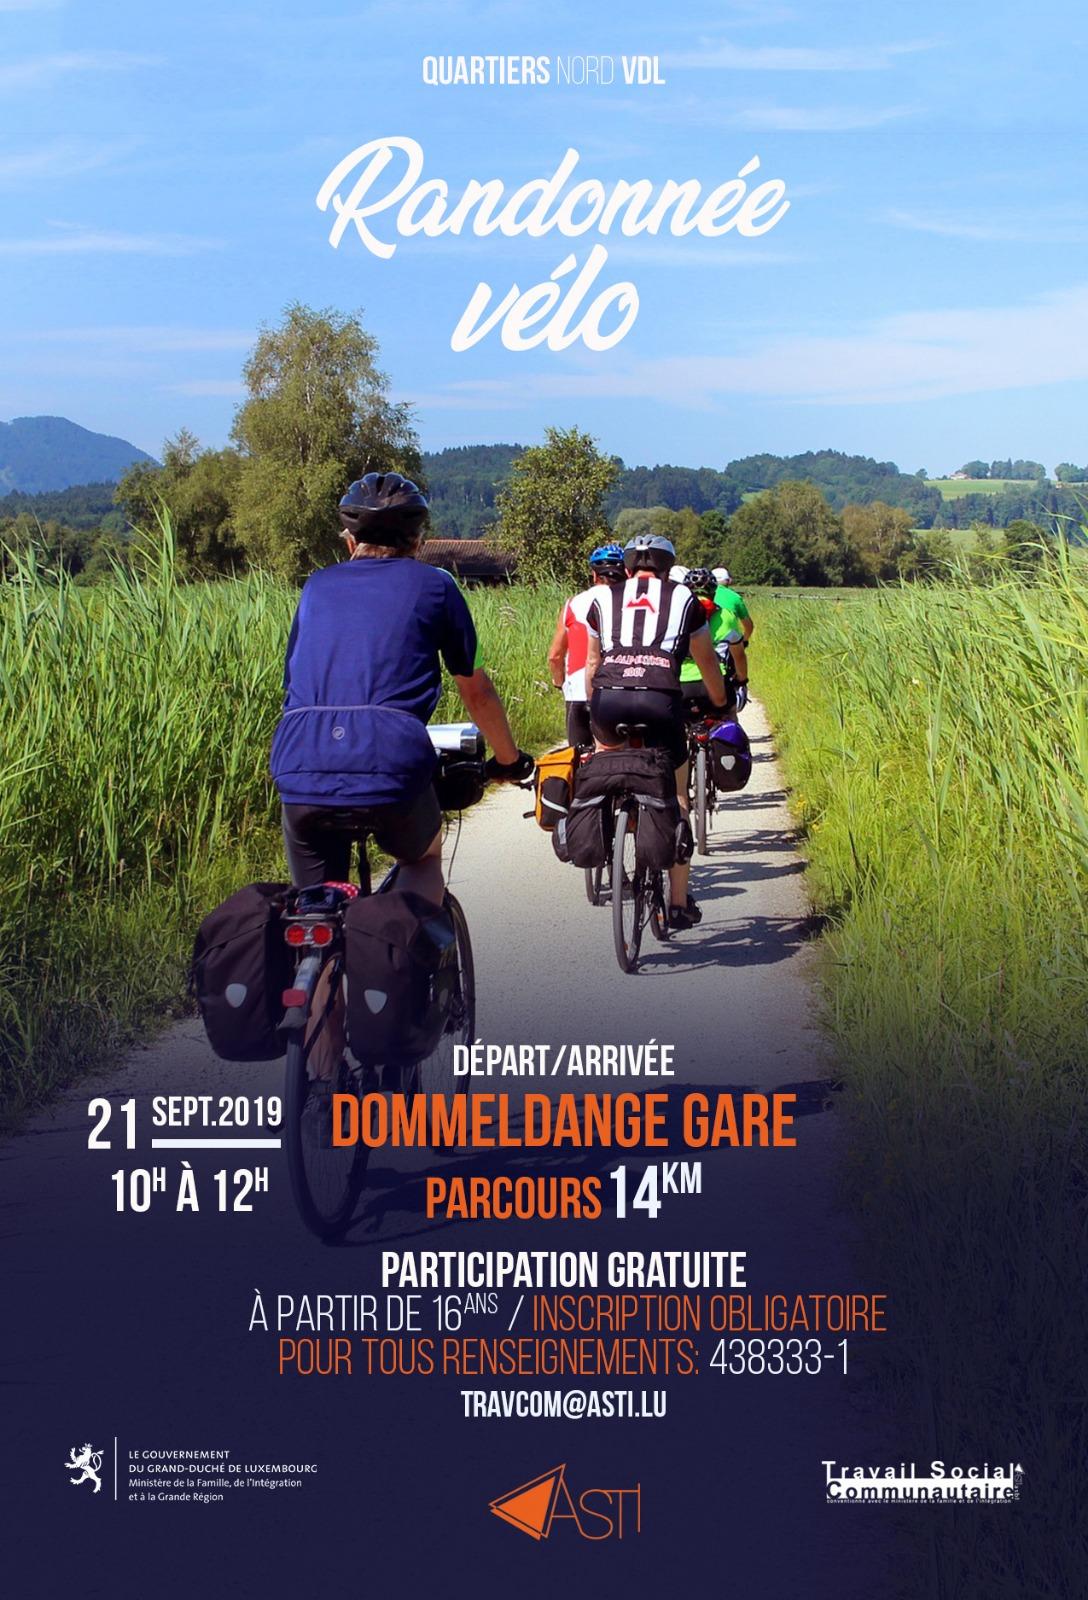 Randonnée à vélo @ Gare de Dommeldange